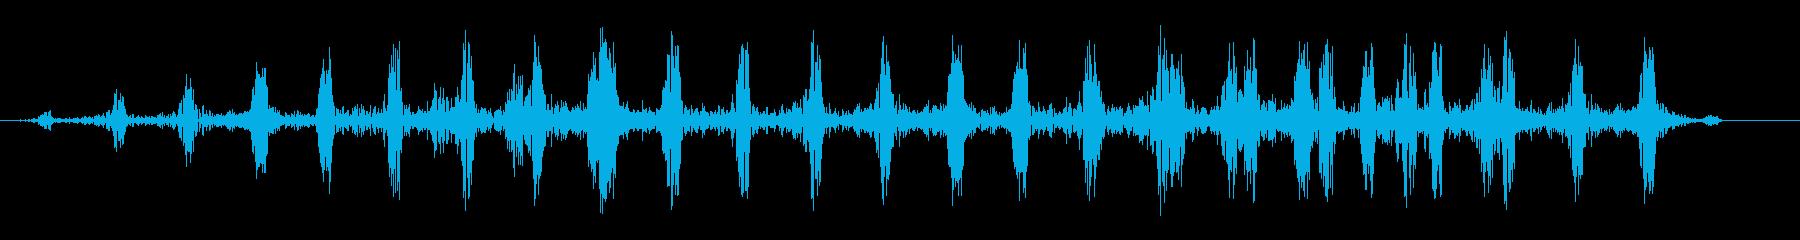 ドクドク・・・(リアルな心臓の鼓動音)の再生済みの波形